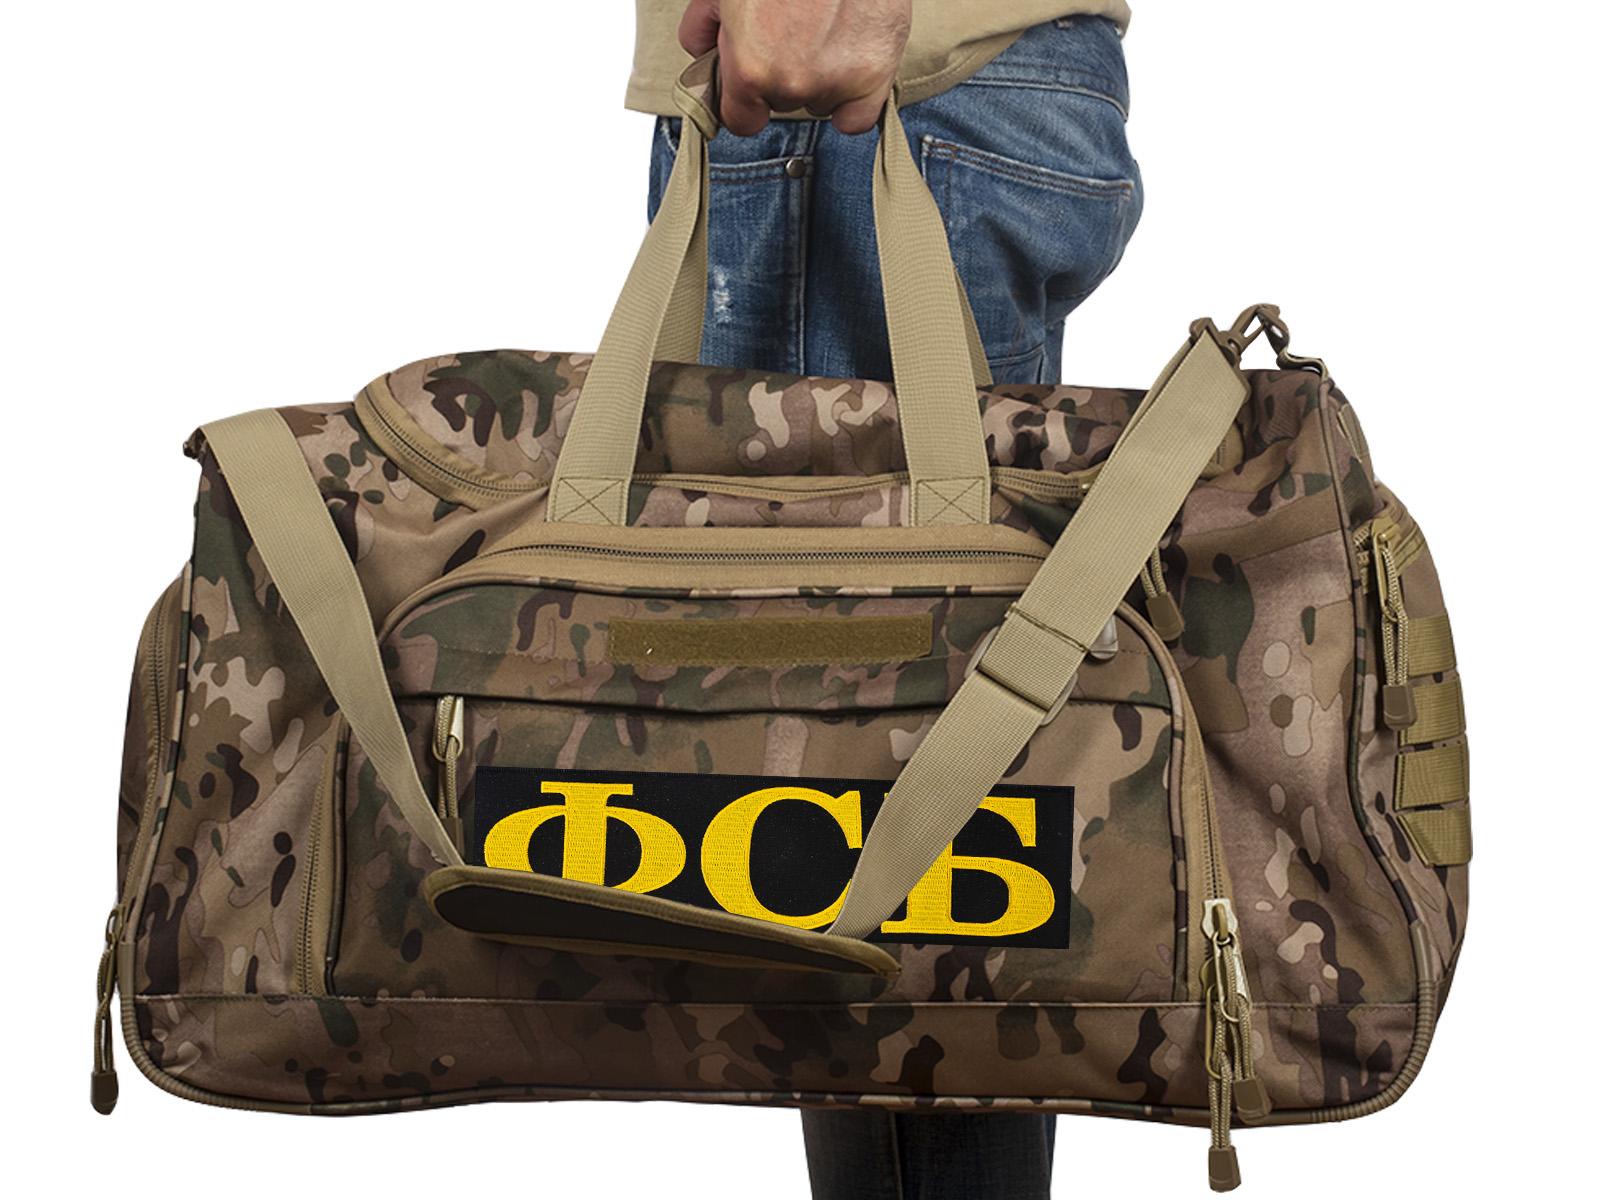 Купить тревожную сумку 08032B Multicam с нашивкой ФСБ по выгодной цене